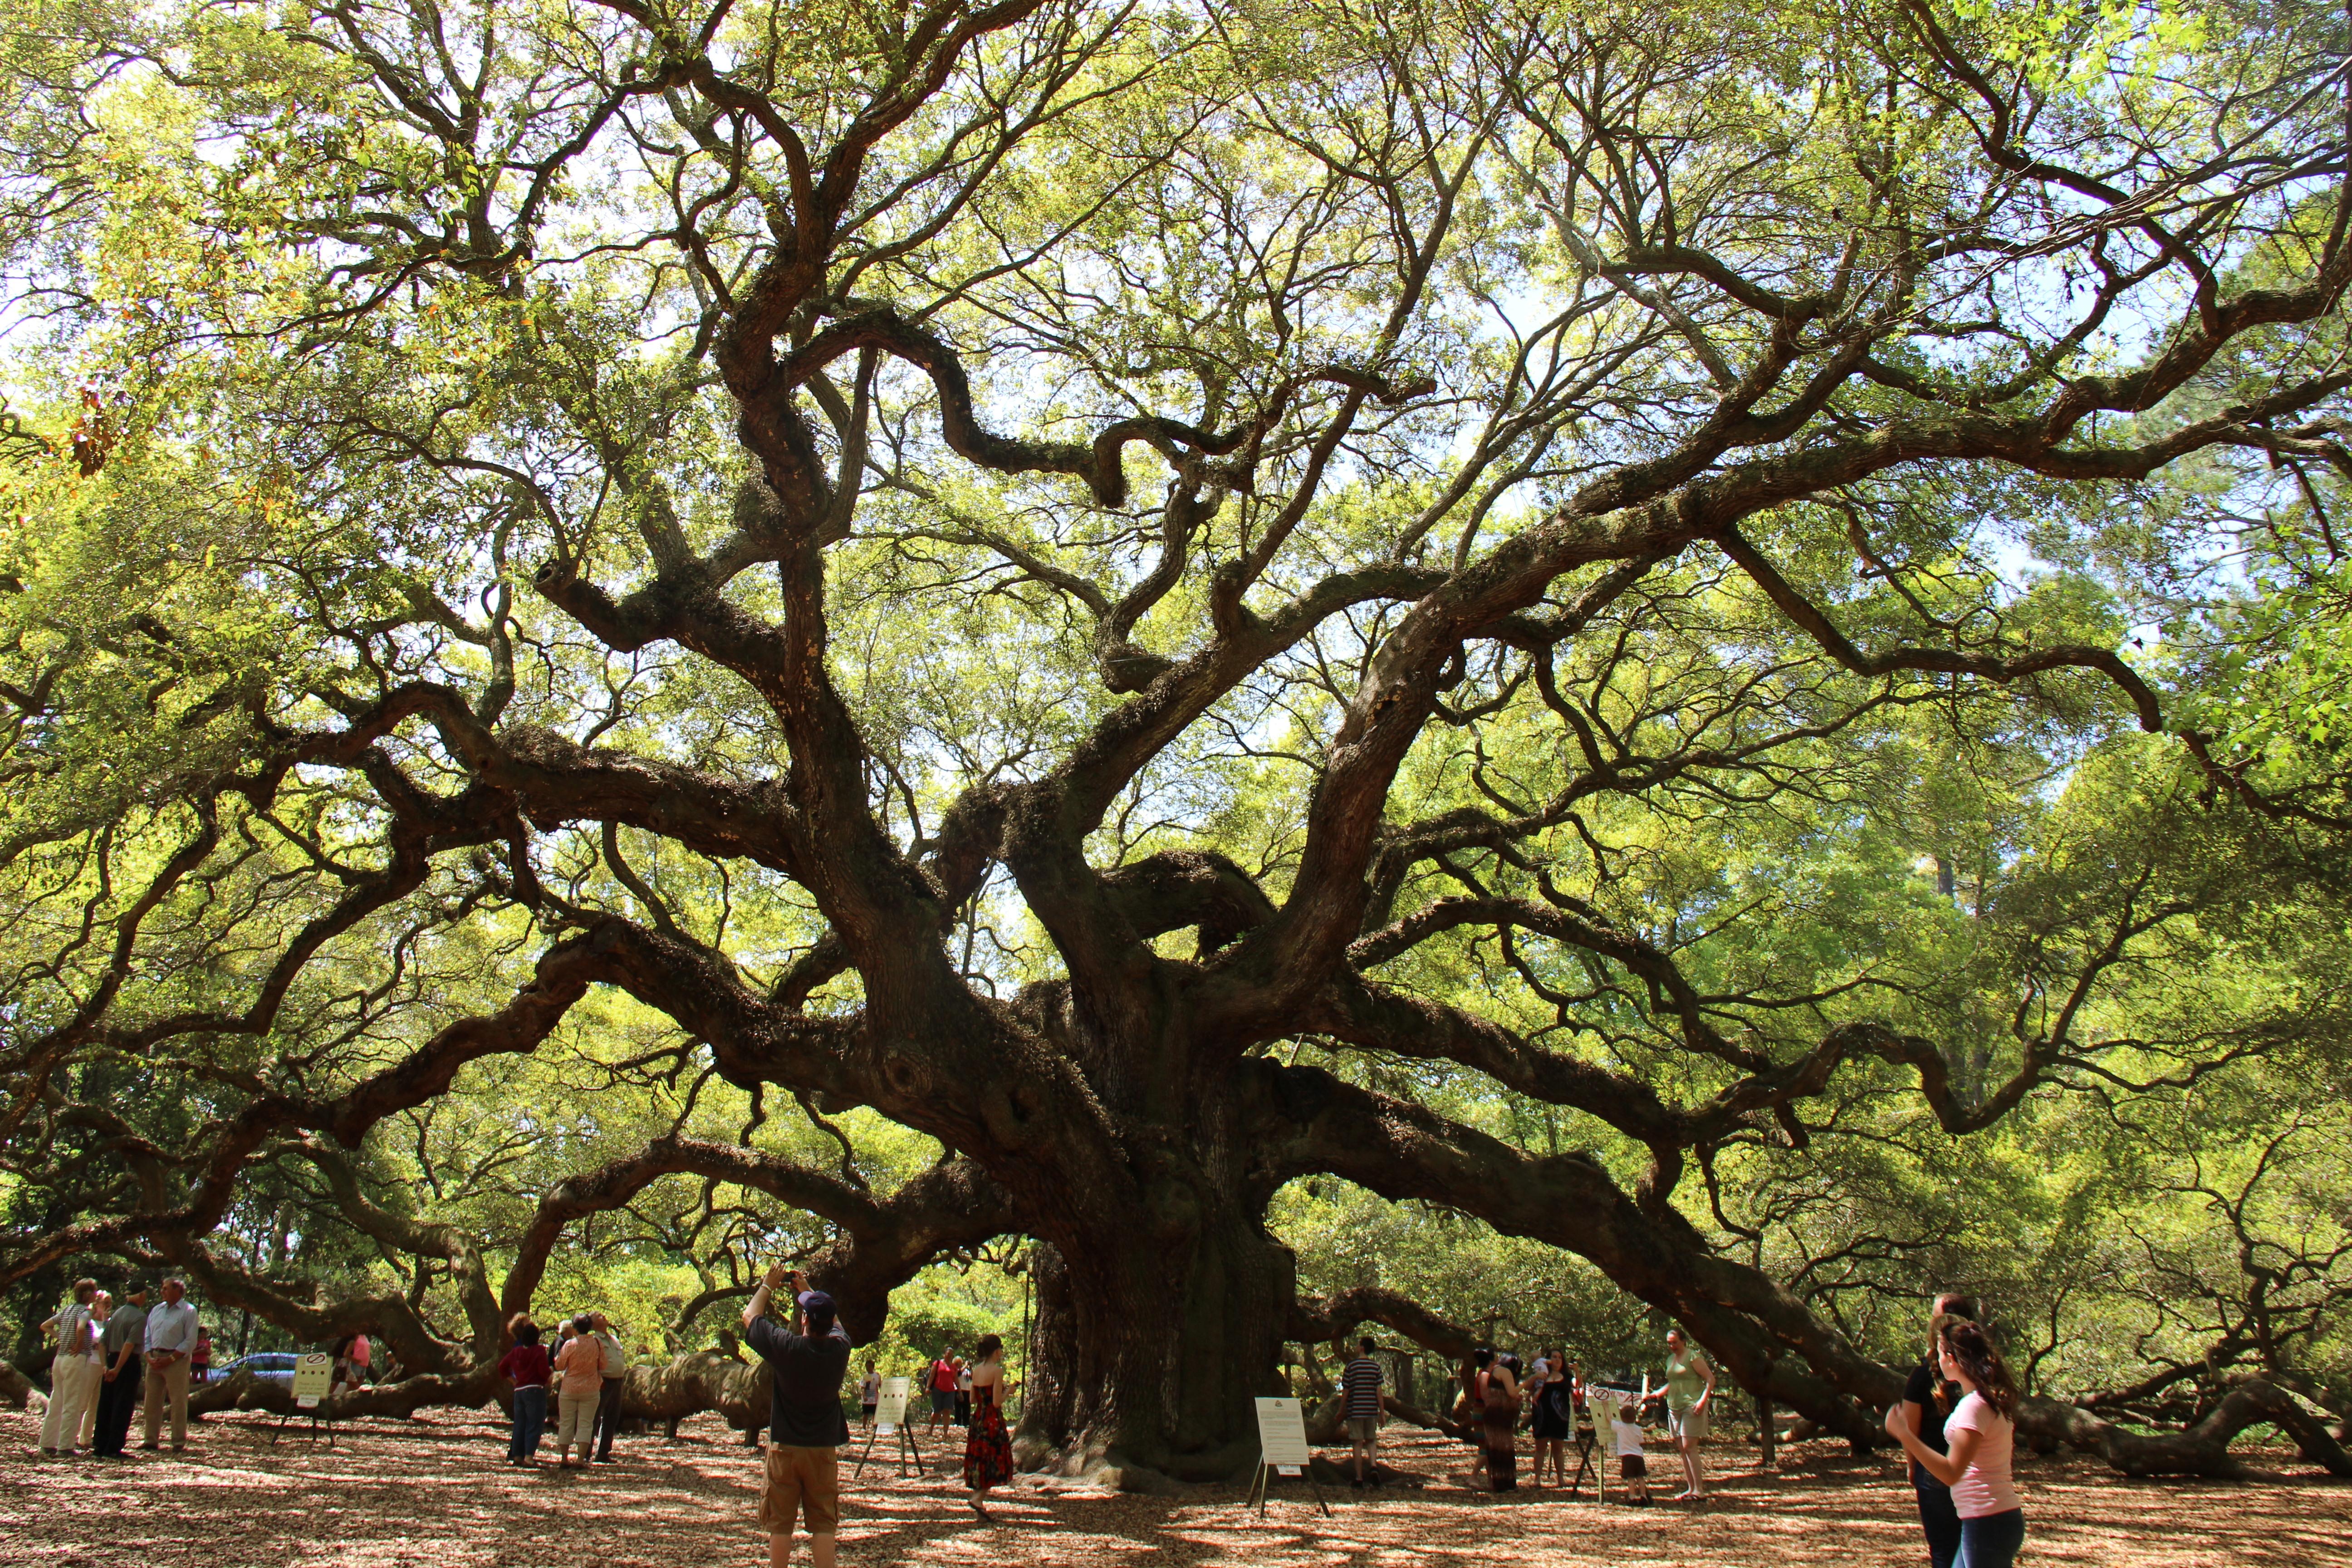 Crazy tree photo